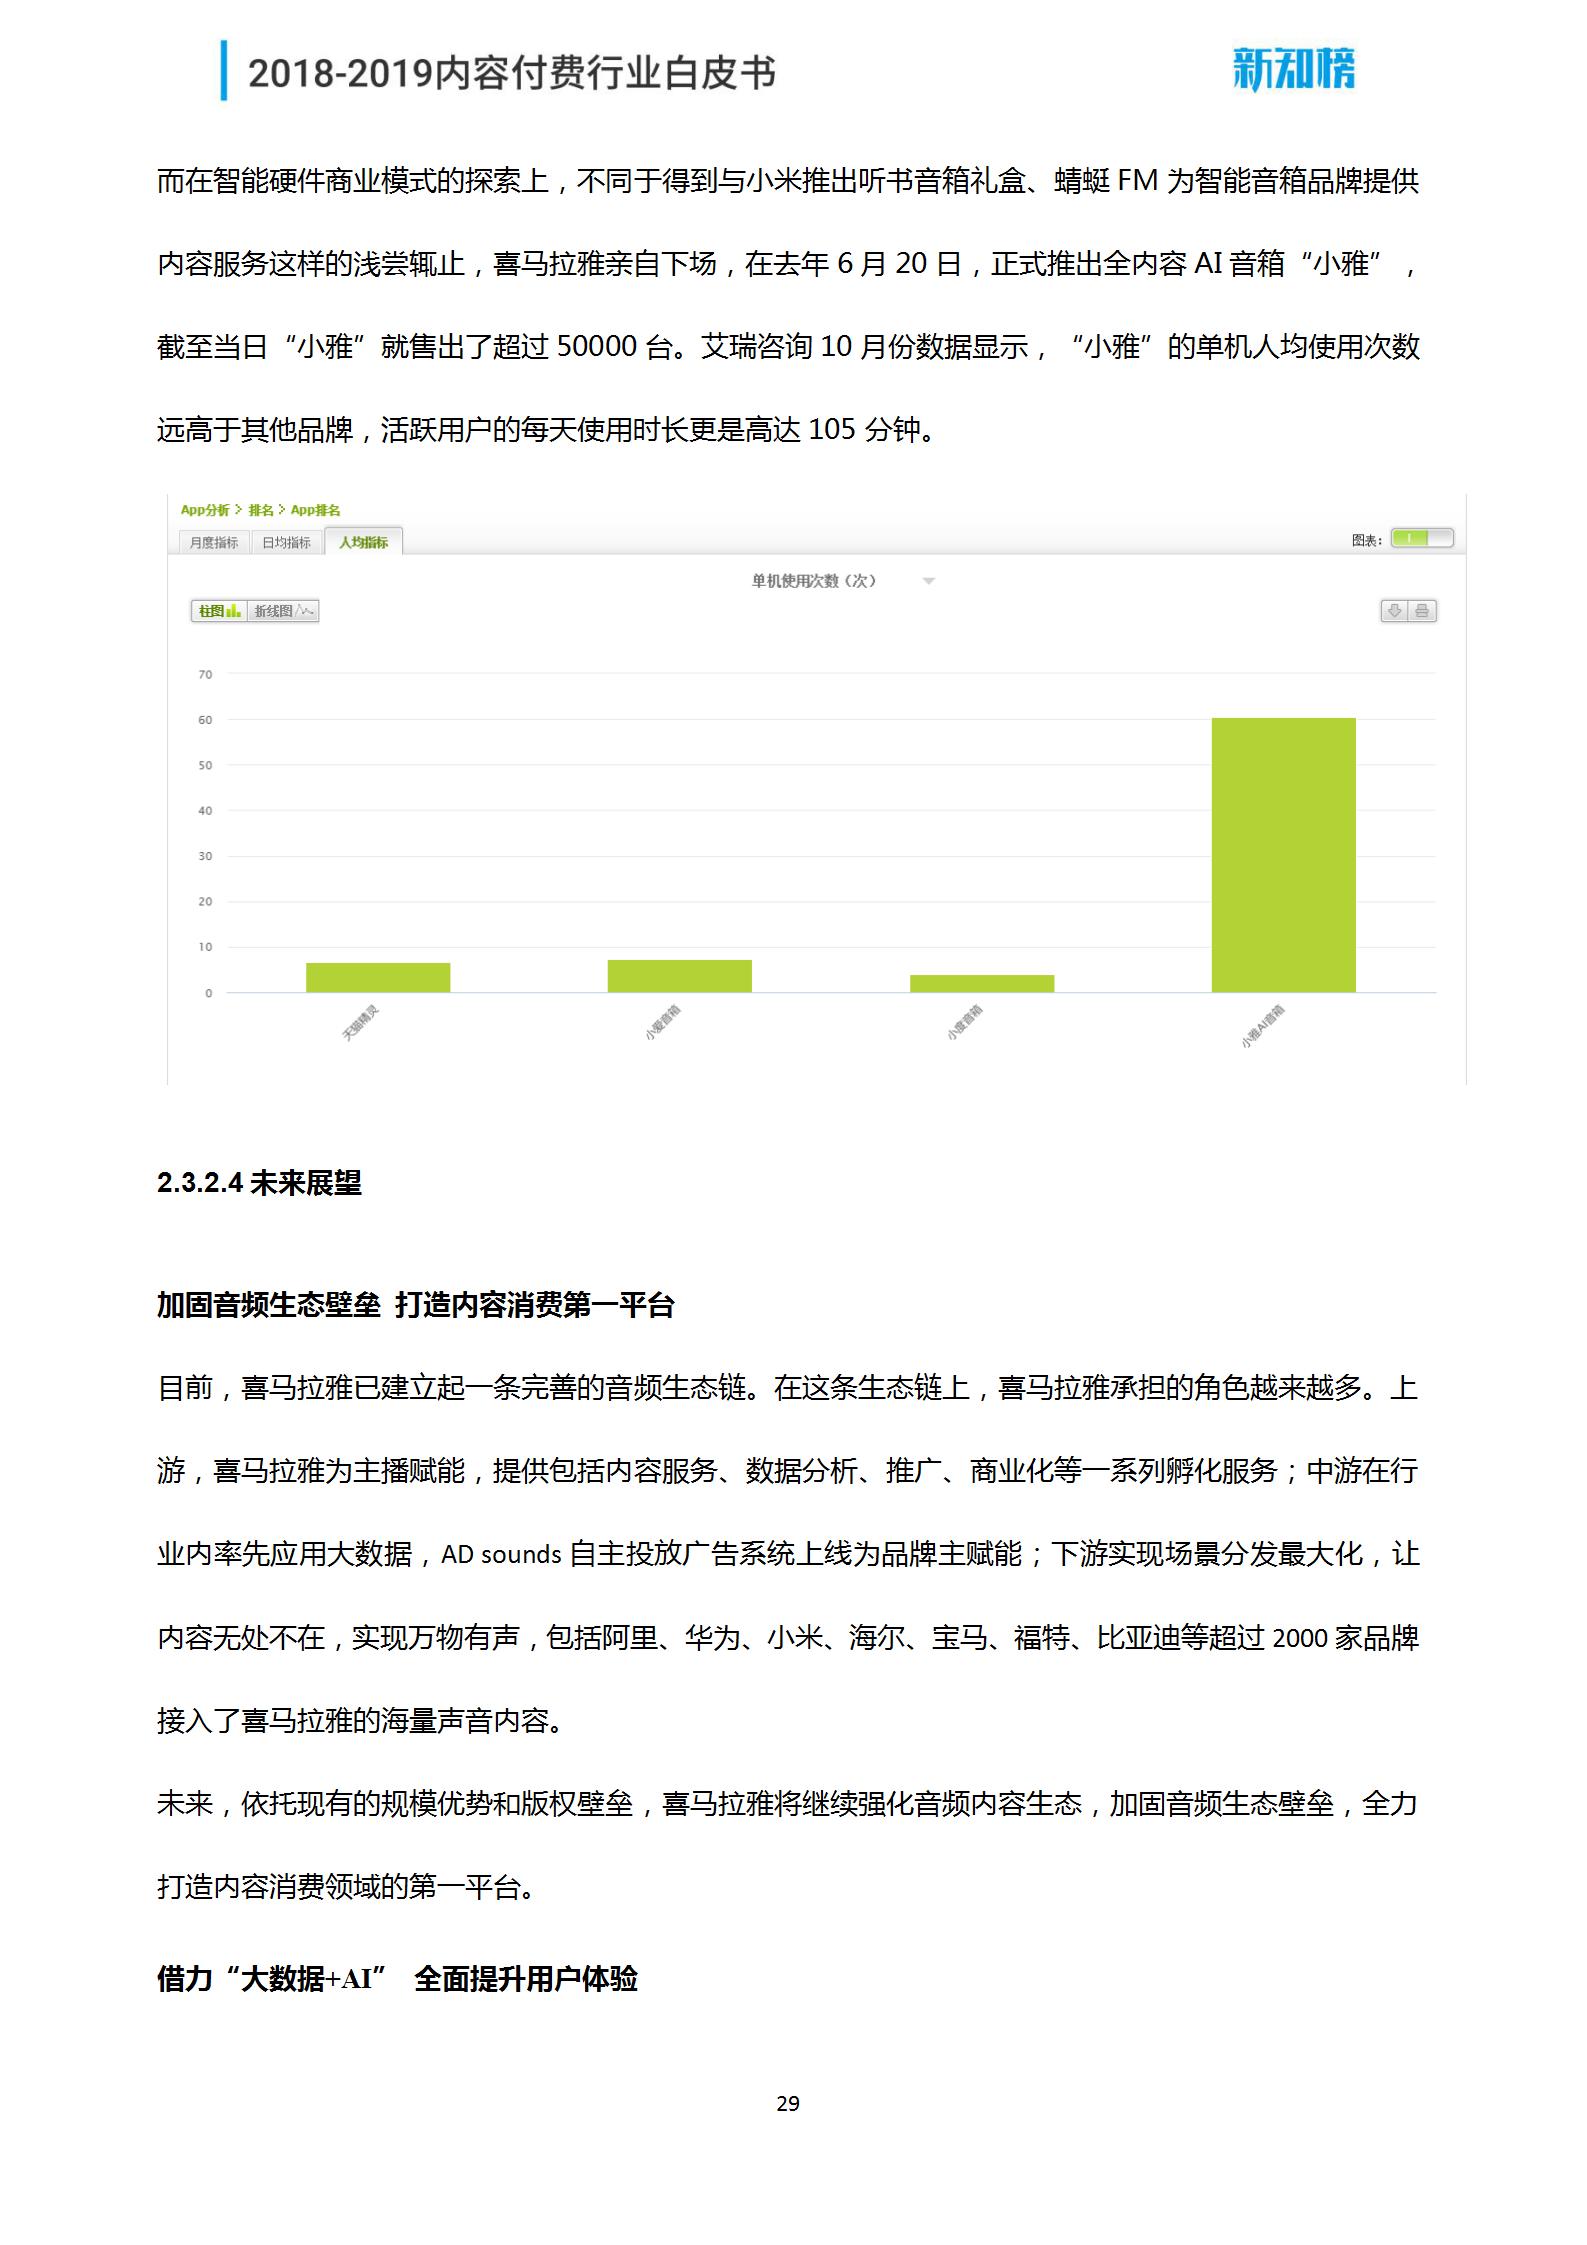 新知榜2018-2019内容付费行业白皮书_29.png